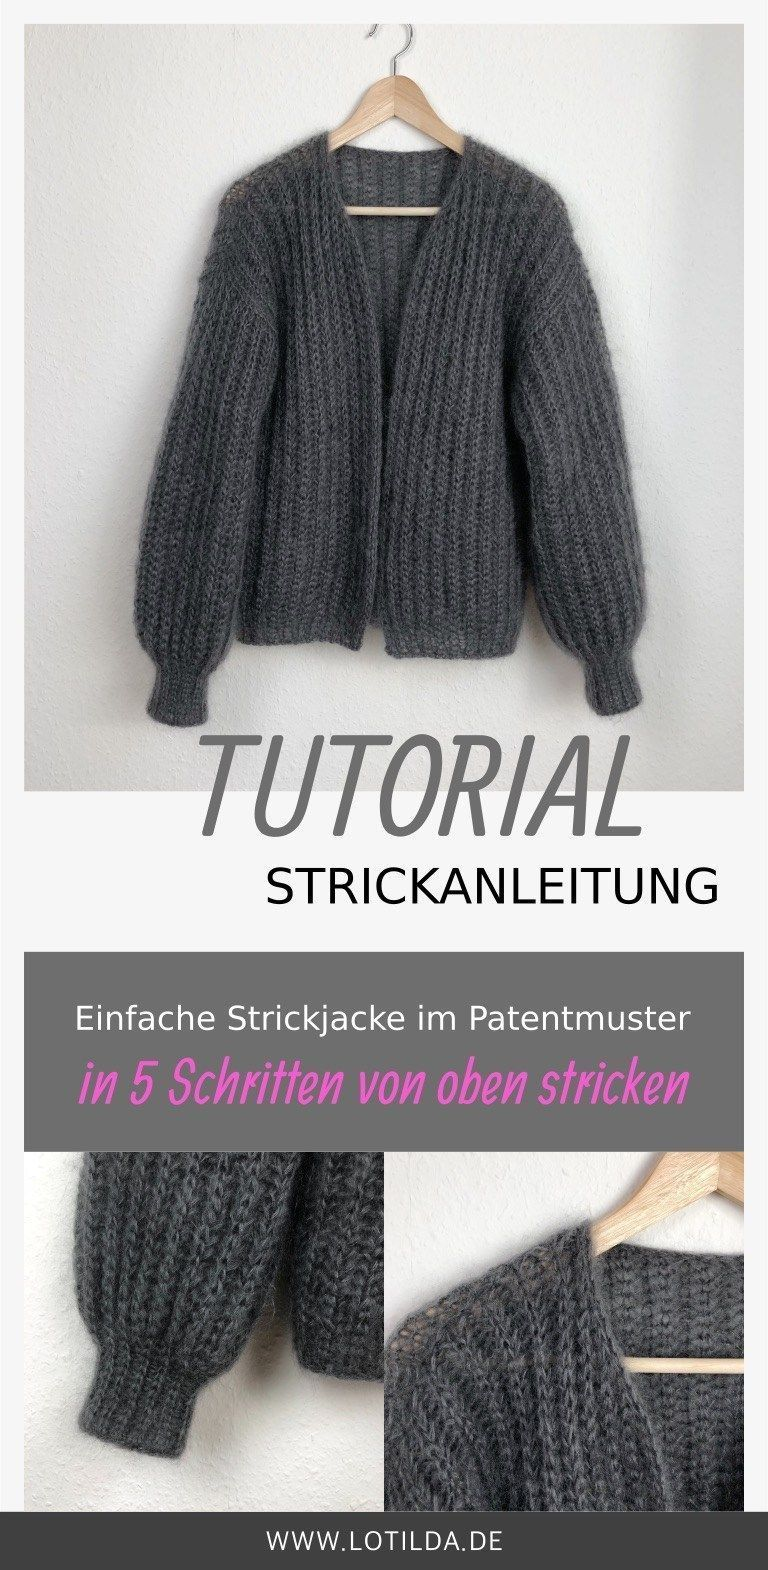 Peinture de Noël Tic-tac-toe – Le tricot est aussi simple que 1, 2, 3 Le tricot … – Mode, … – Bienvenue sur Blog   – Nähen